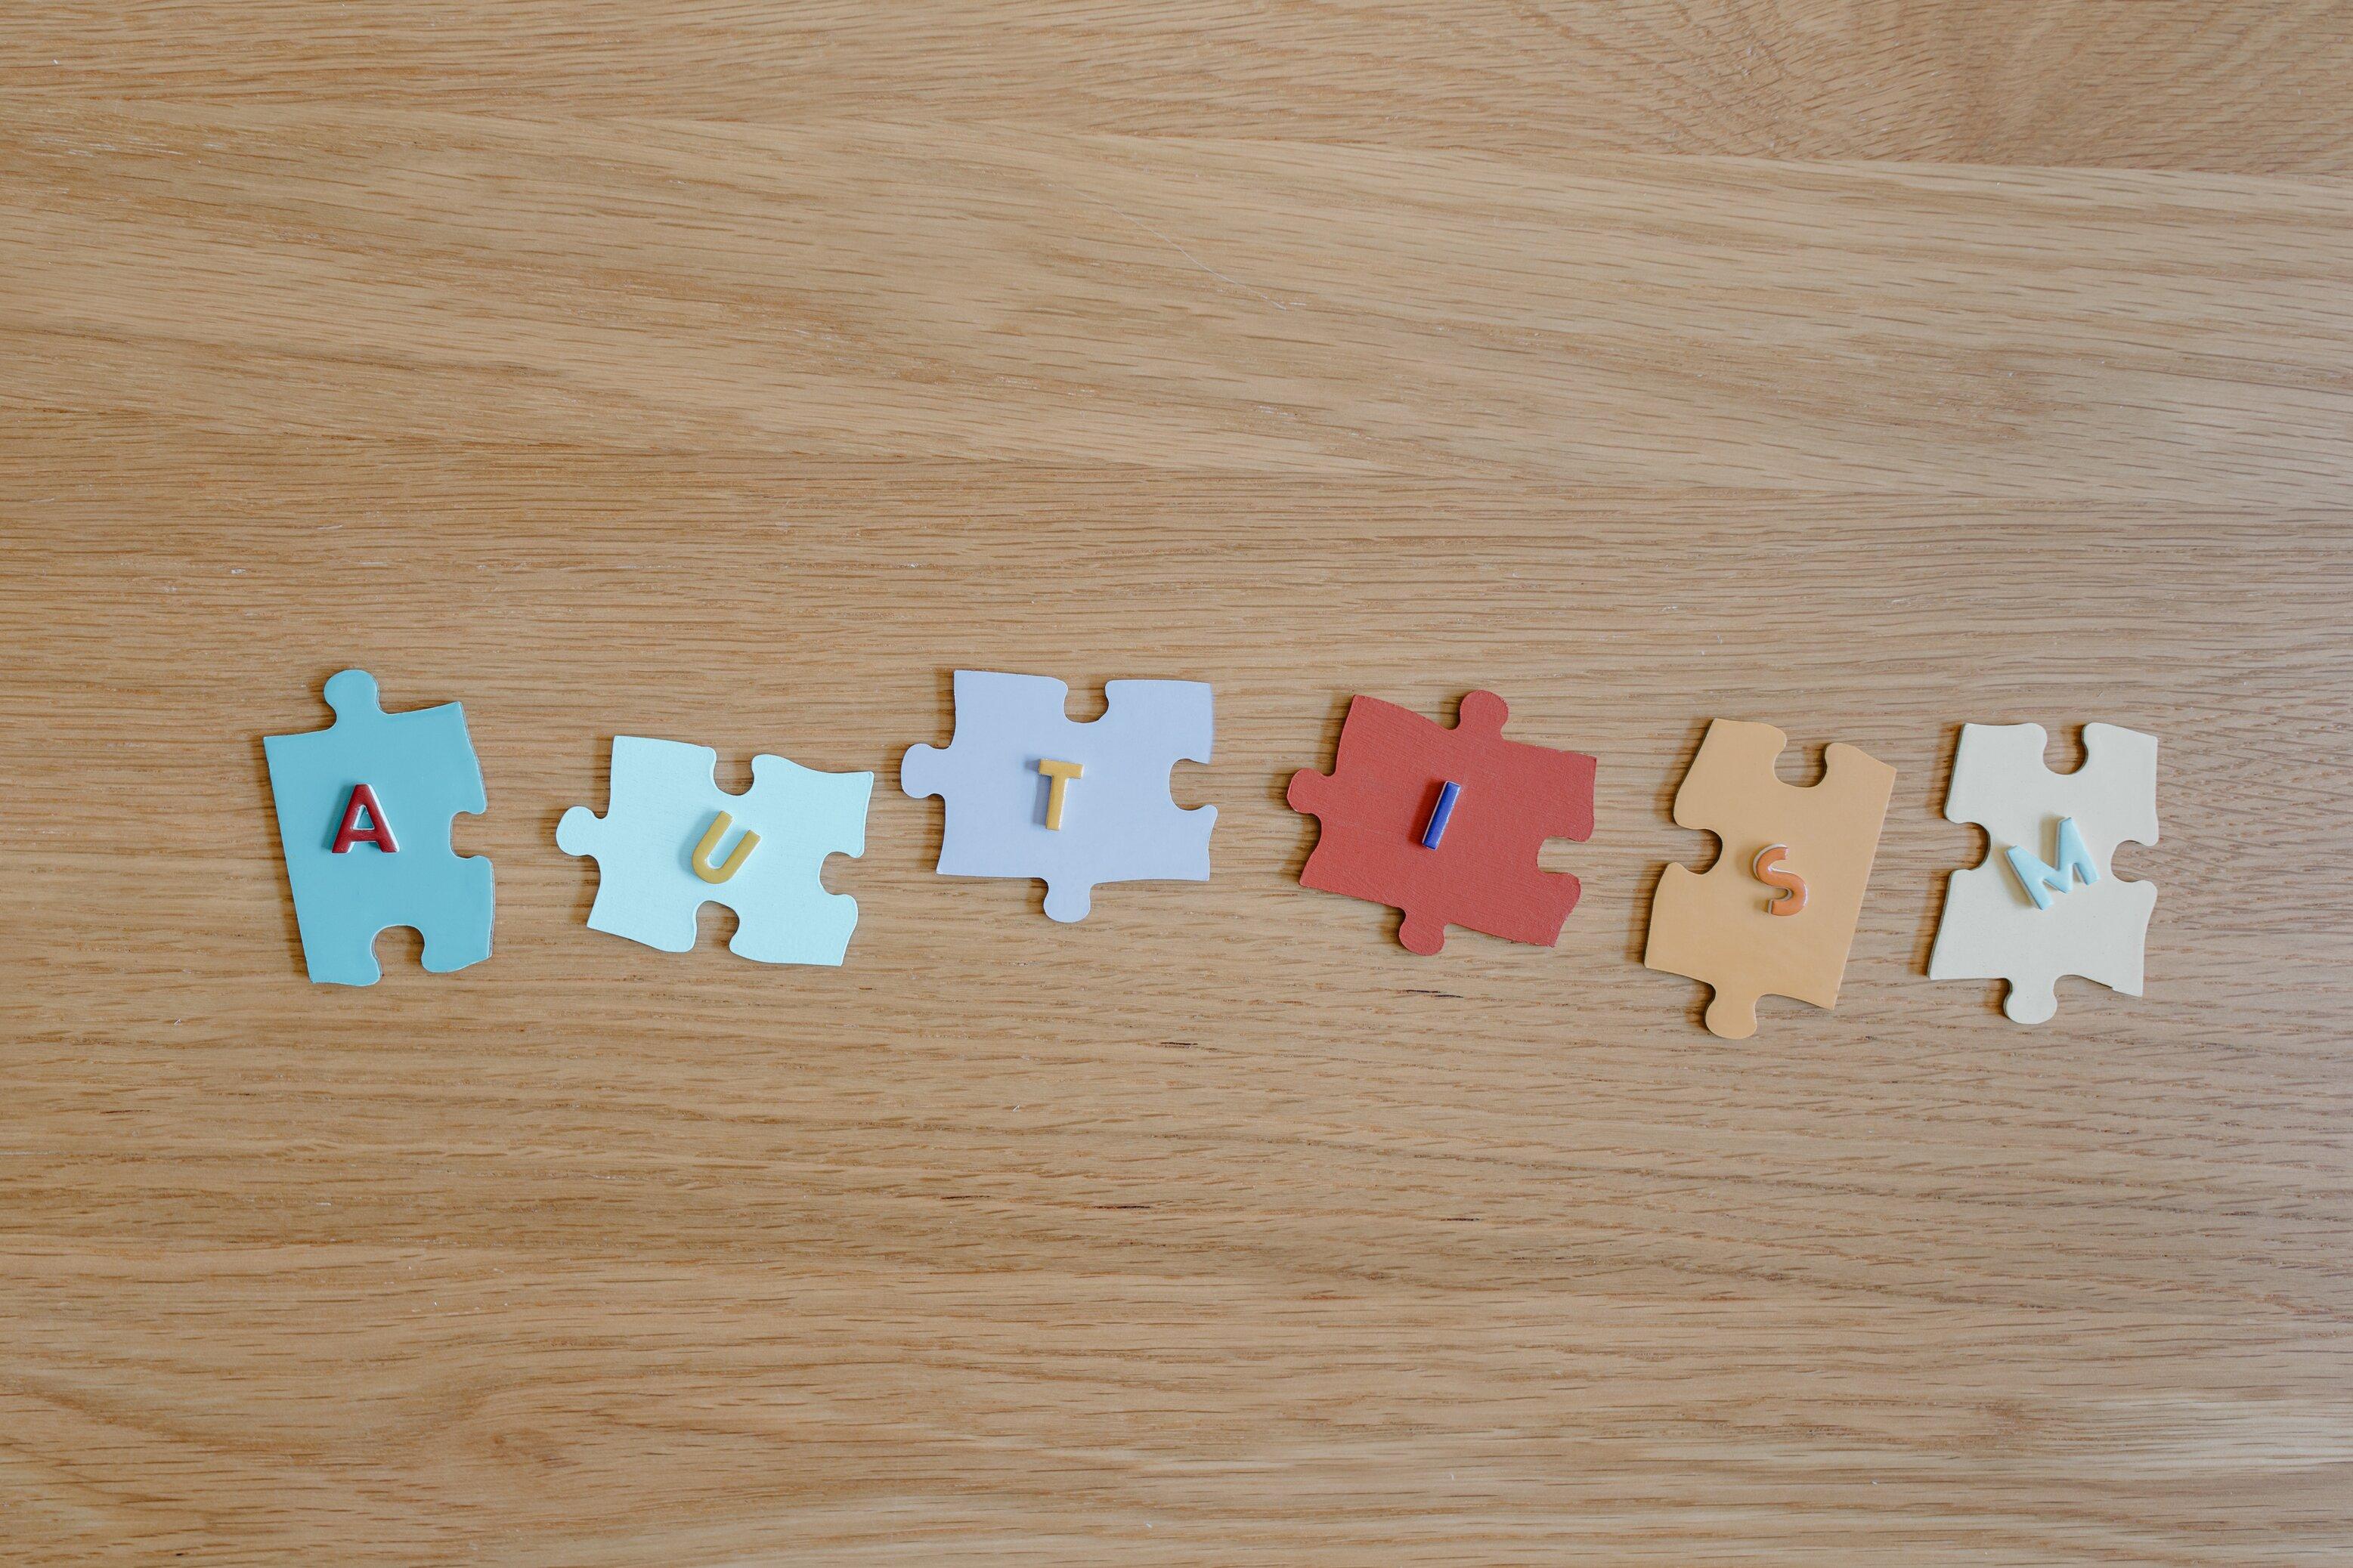 אבחון אוטיזם בהריון: בהחלט אפשרי!